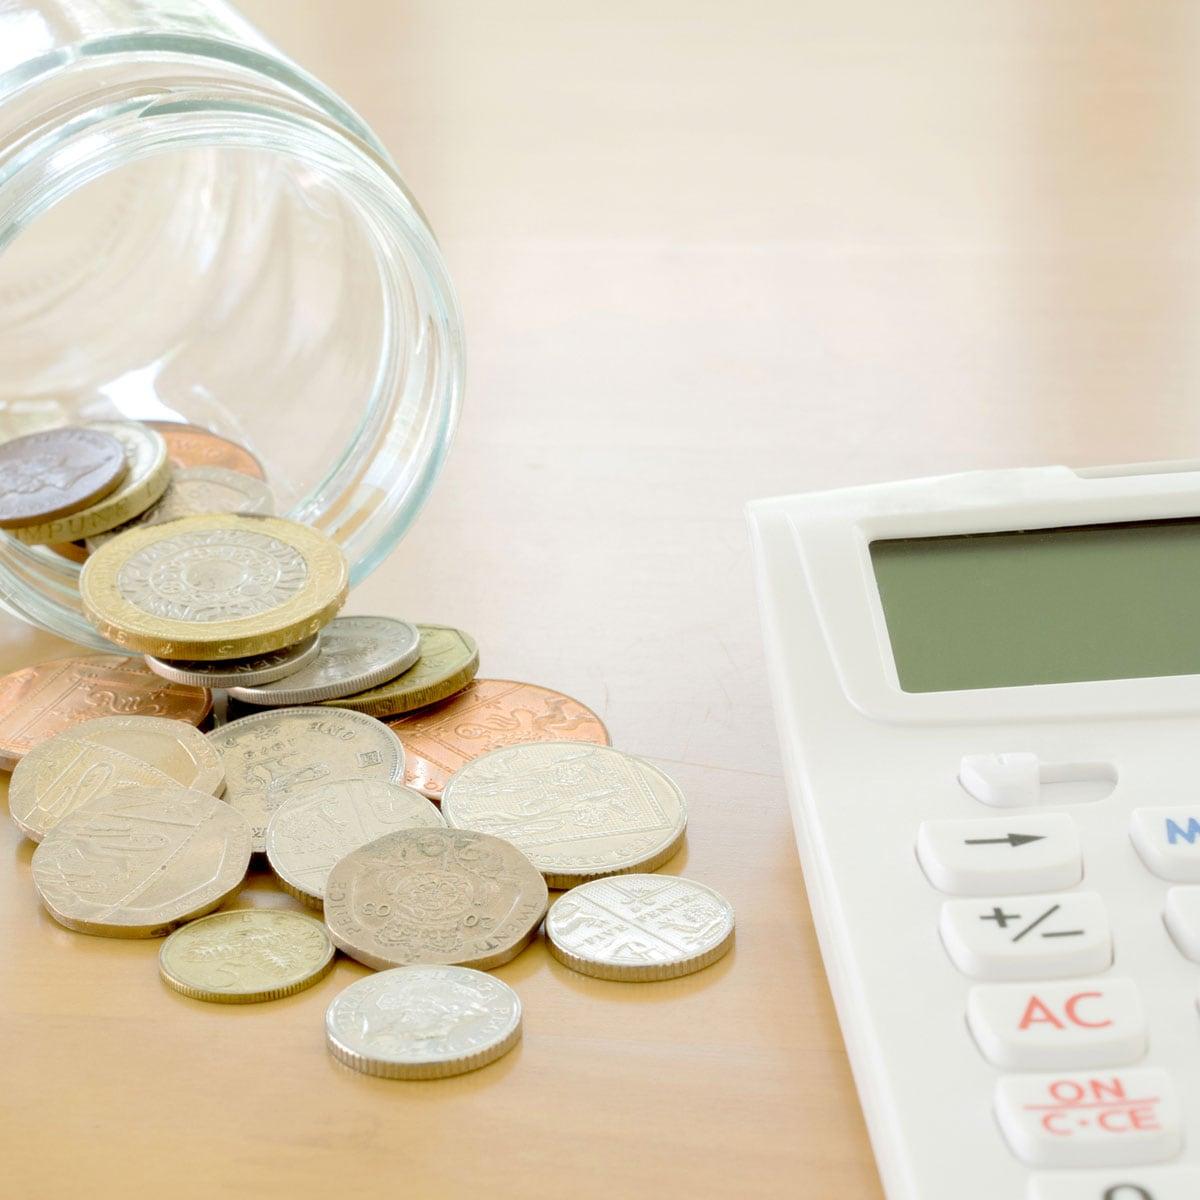 come guadagnare soldi in internet soldi on line dividendi 2021